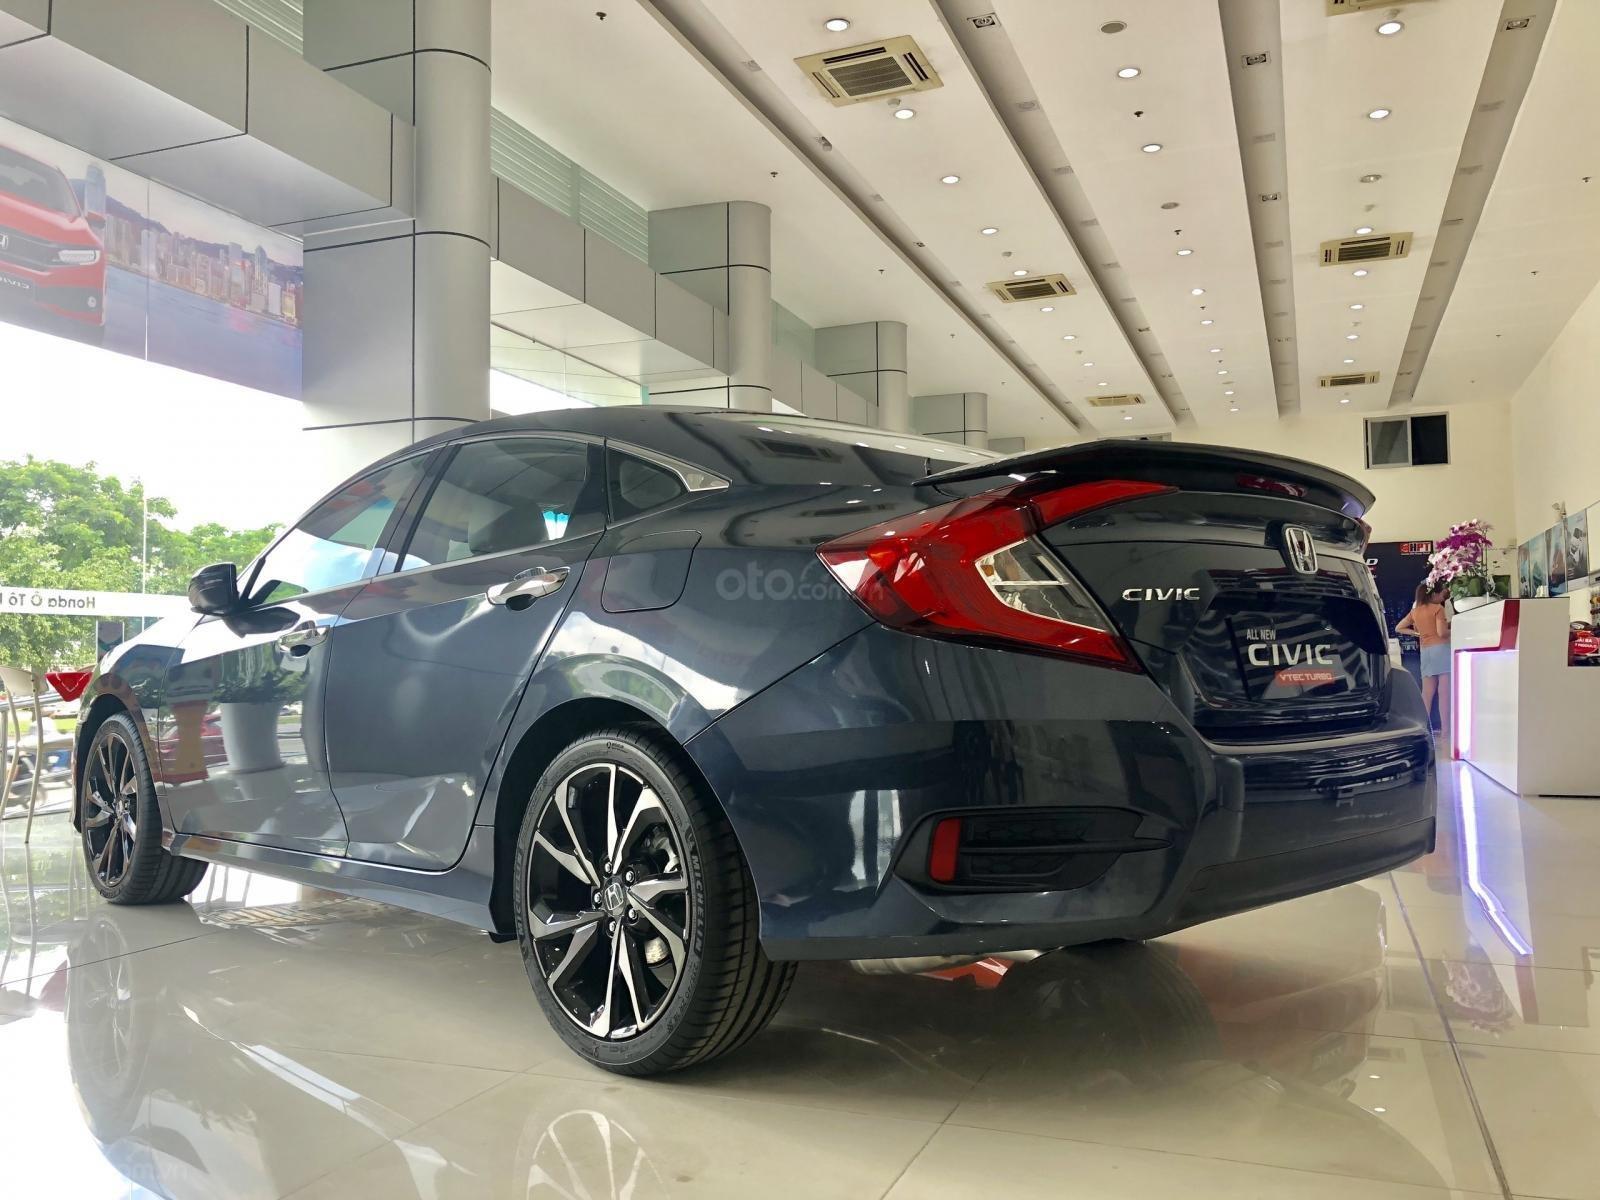 Bán xe Civic RS đủ màu khuyến mãi khủng cho anh em nhanh lẹ (5)